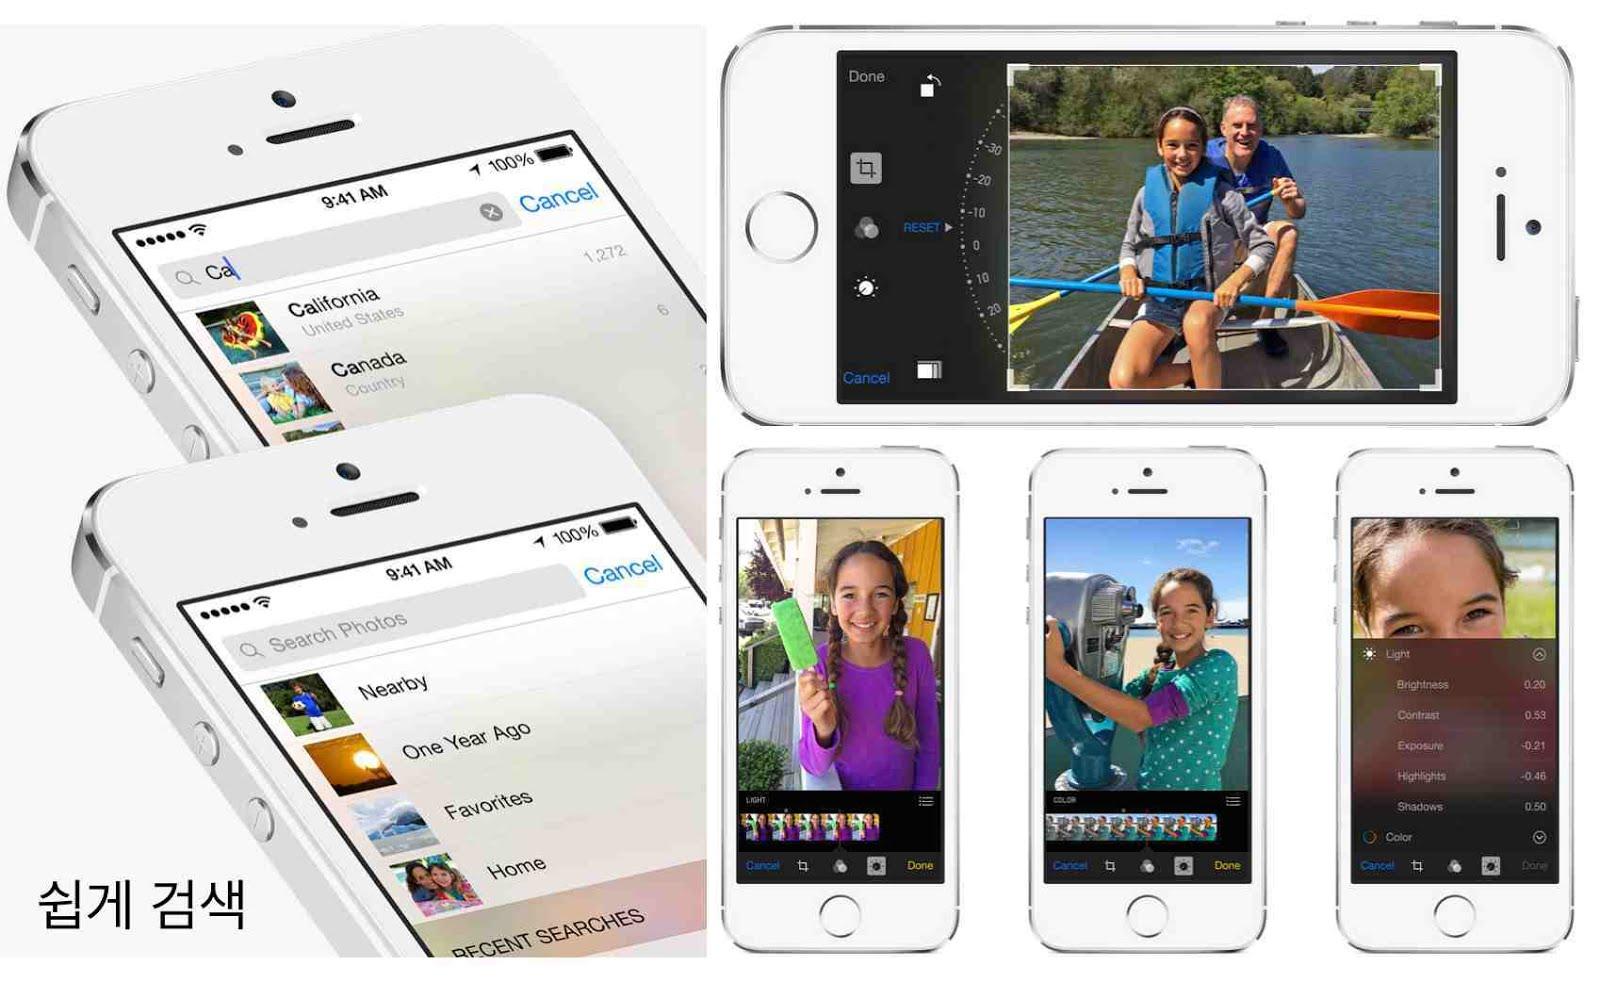 애플포토스3.jpg